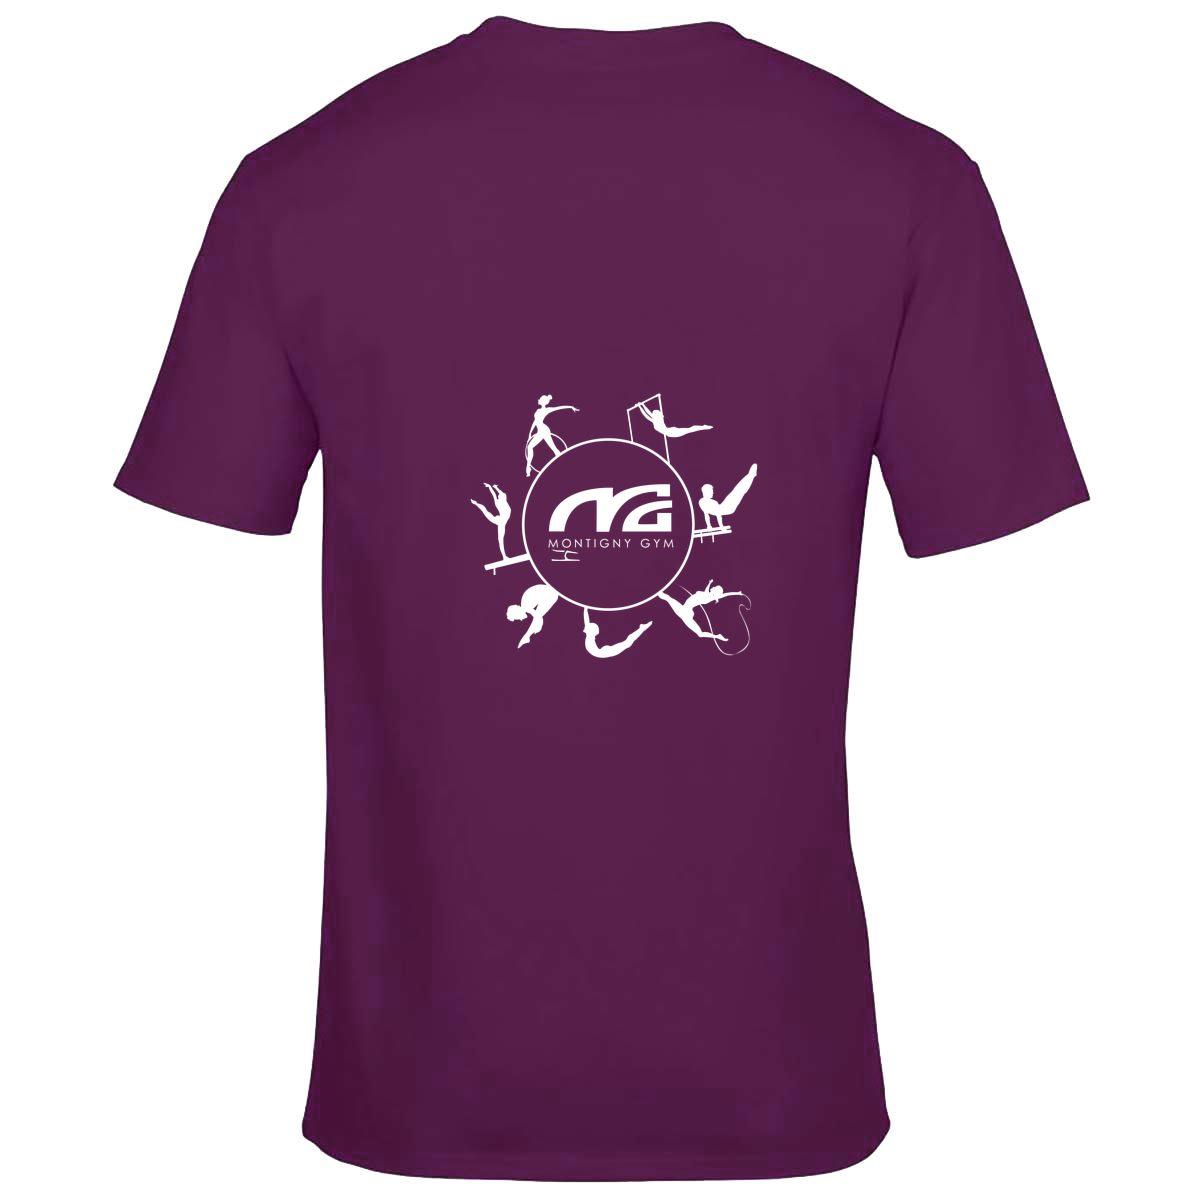 05_gd05b_violet--0-0--344e21e0-a93d-463f-8f9f-f5e39306fa59